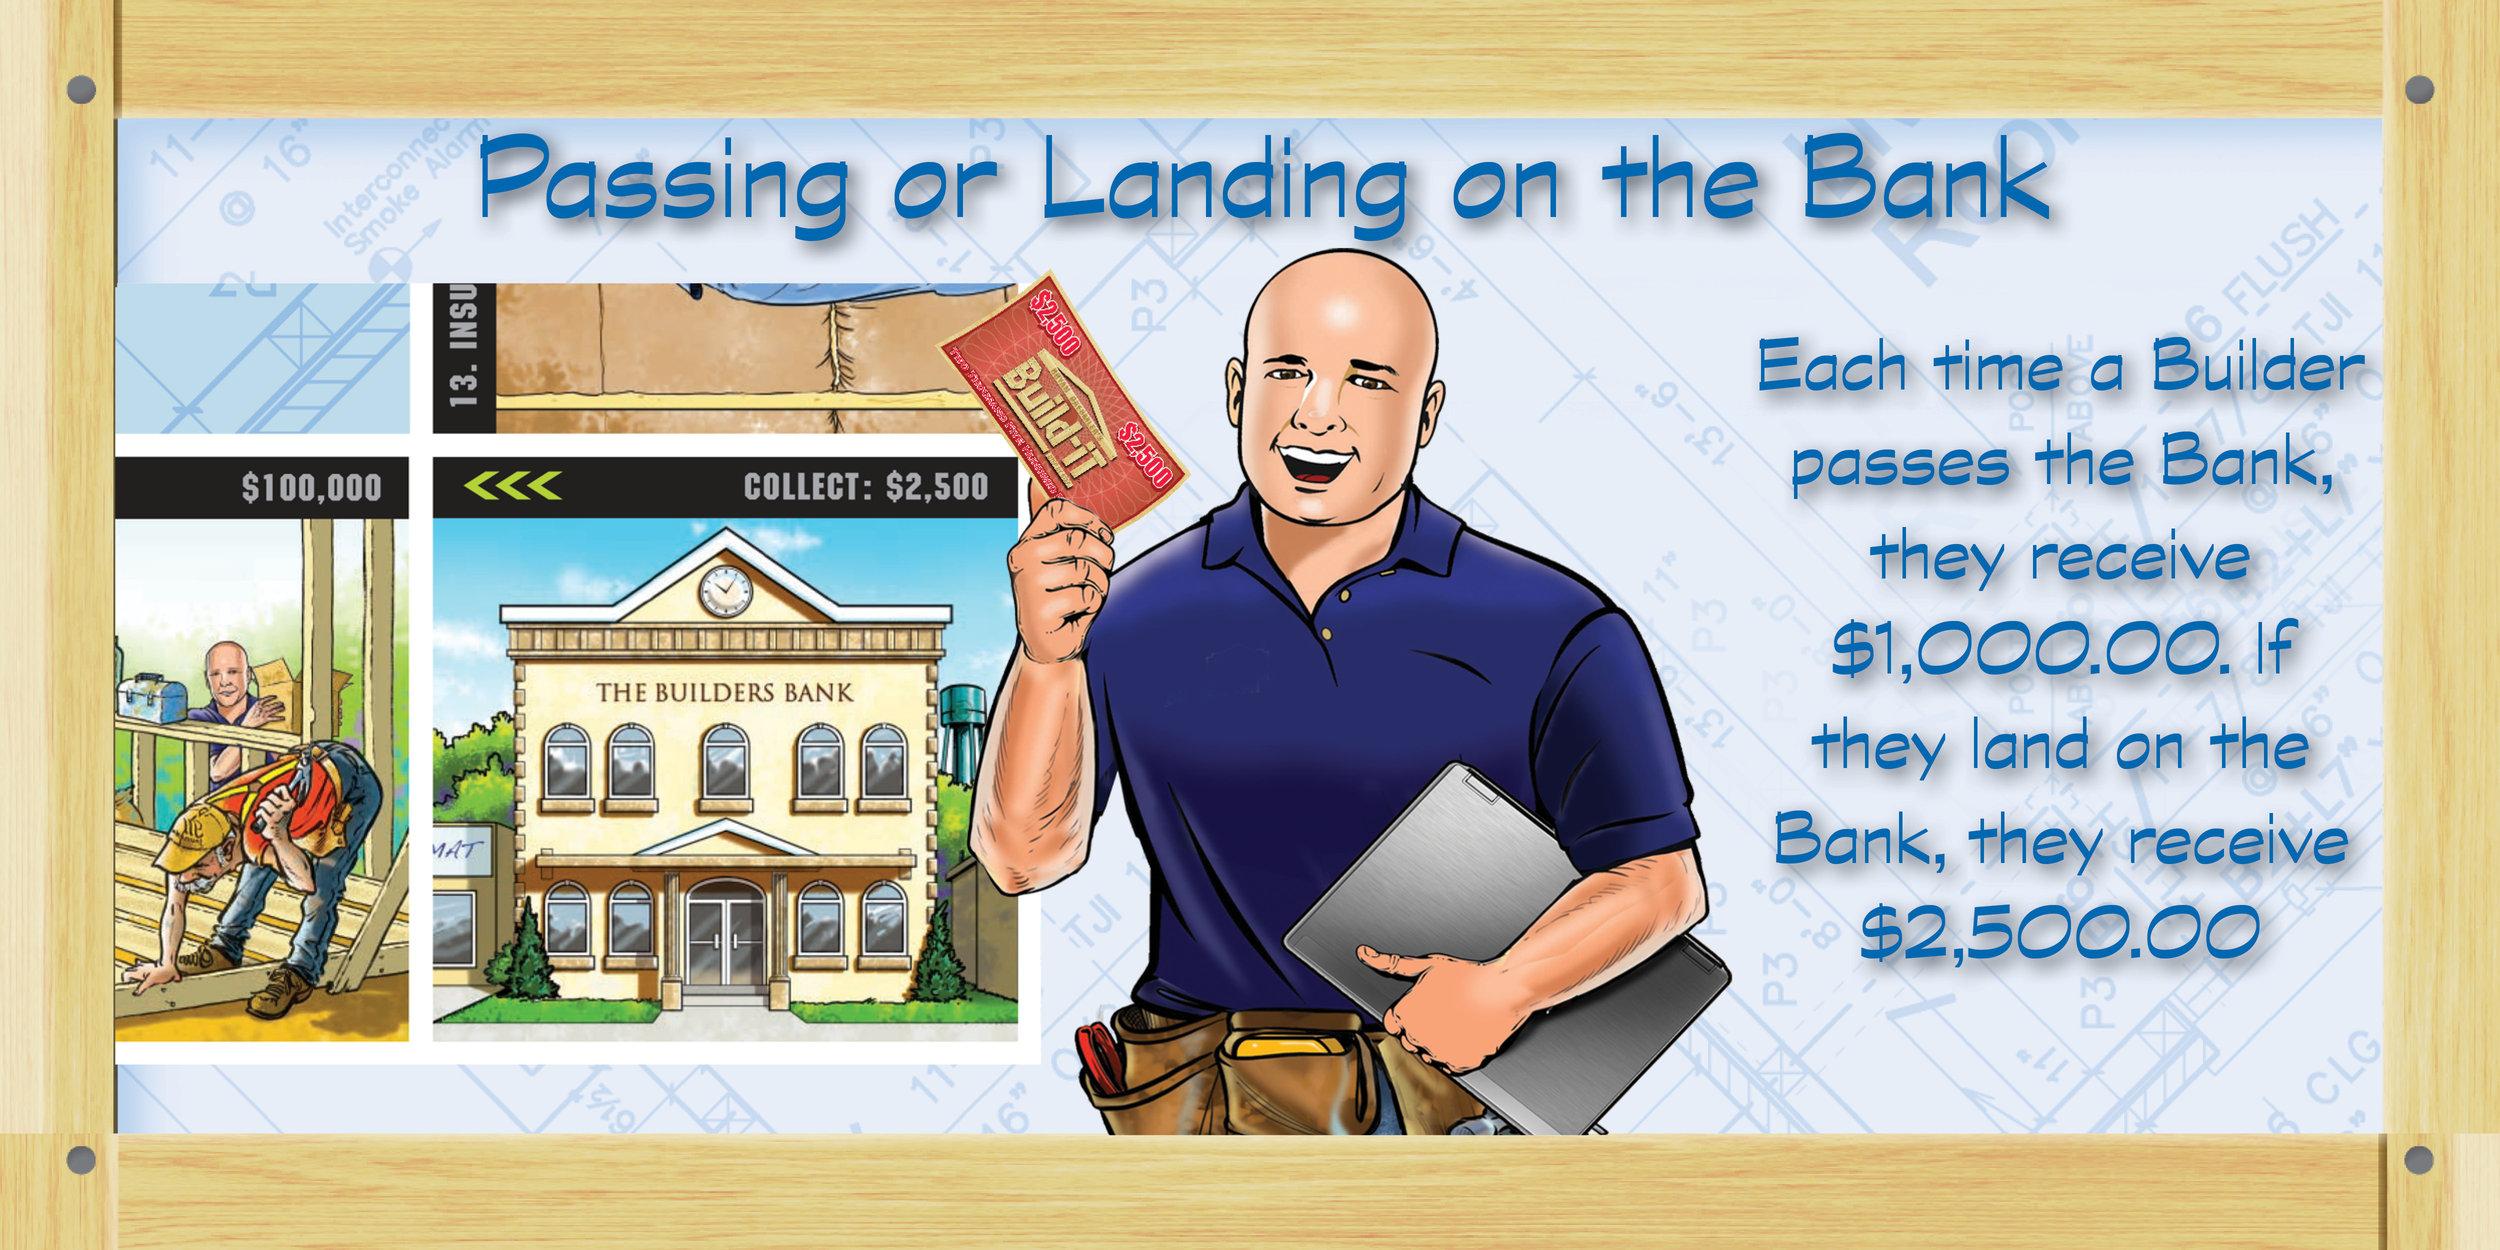 Slider_Passing the bank.jpg